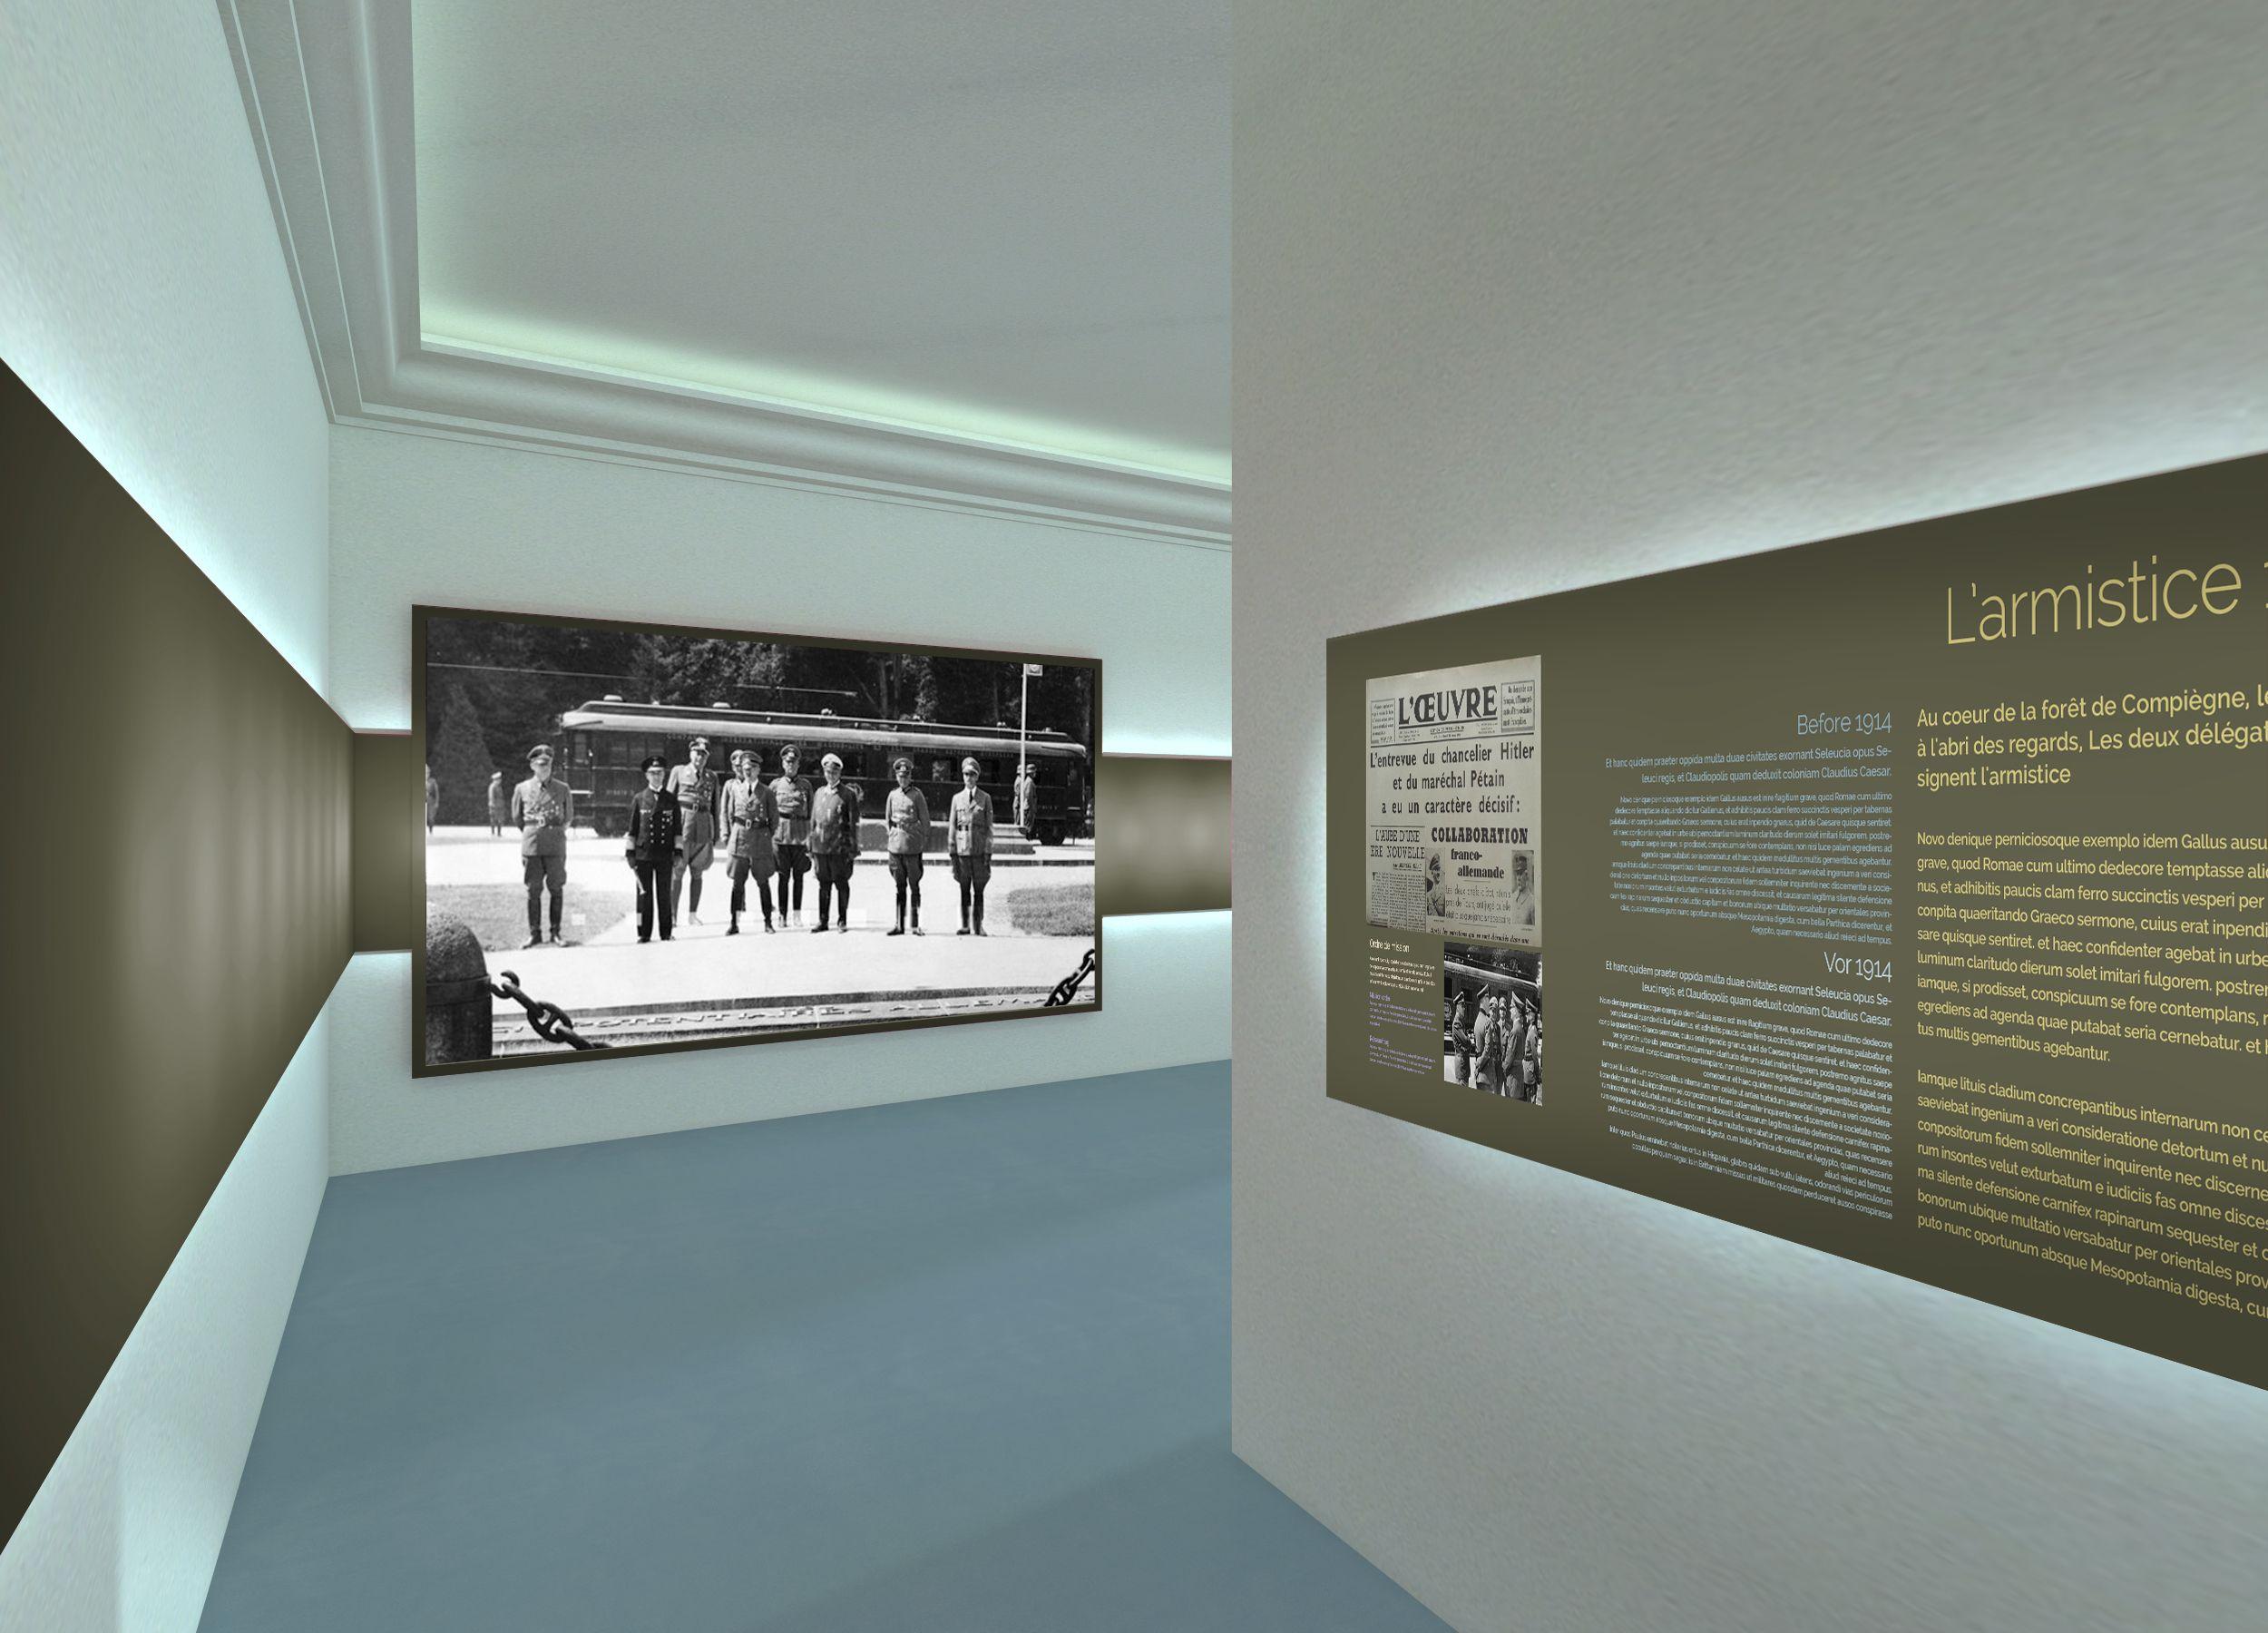 salle-1940-armistice